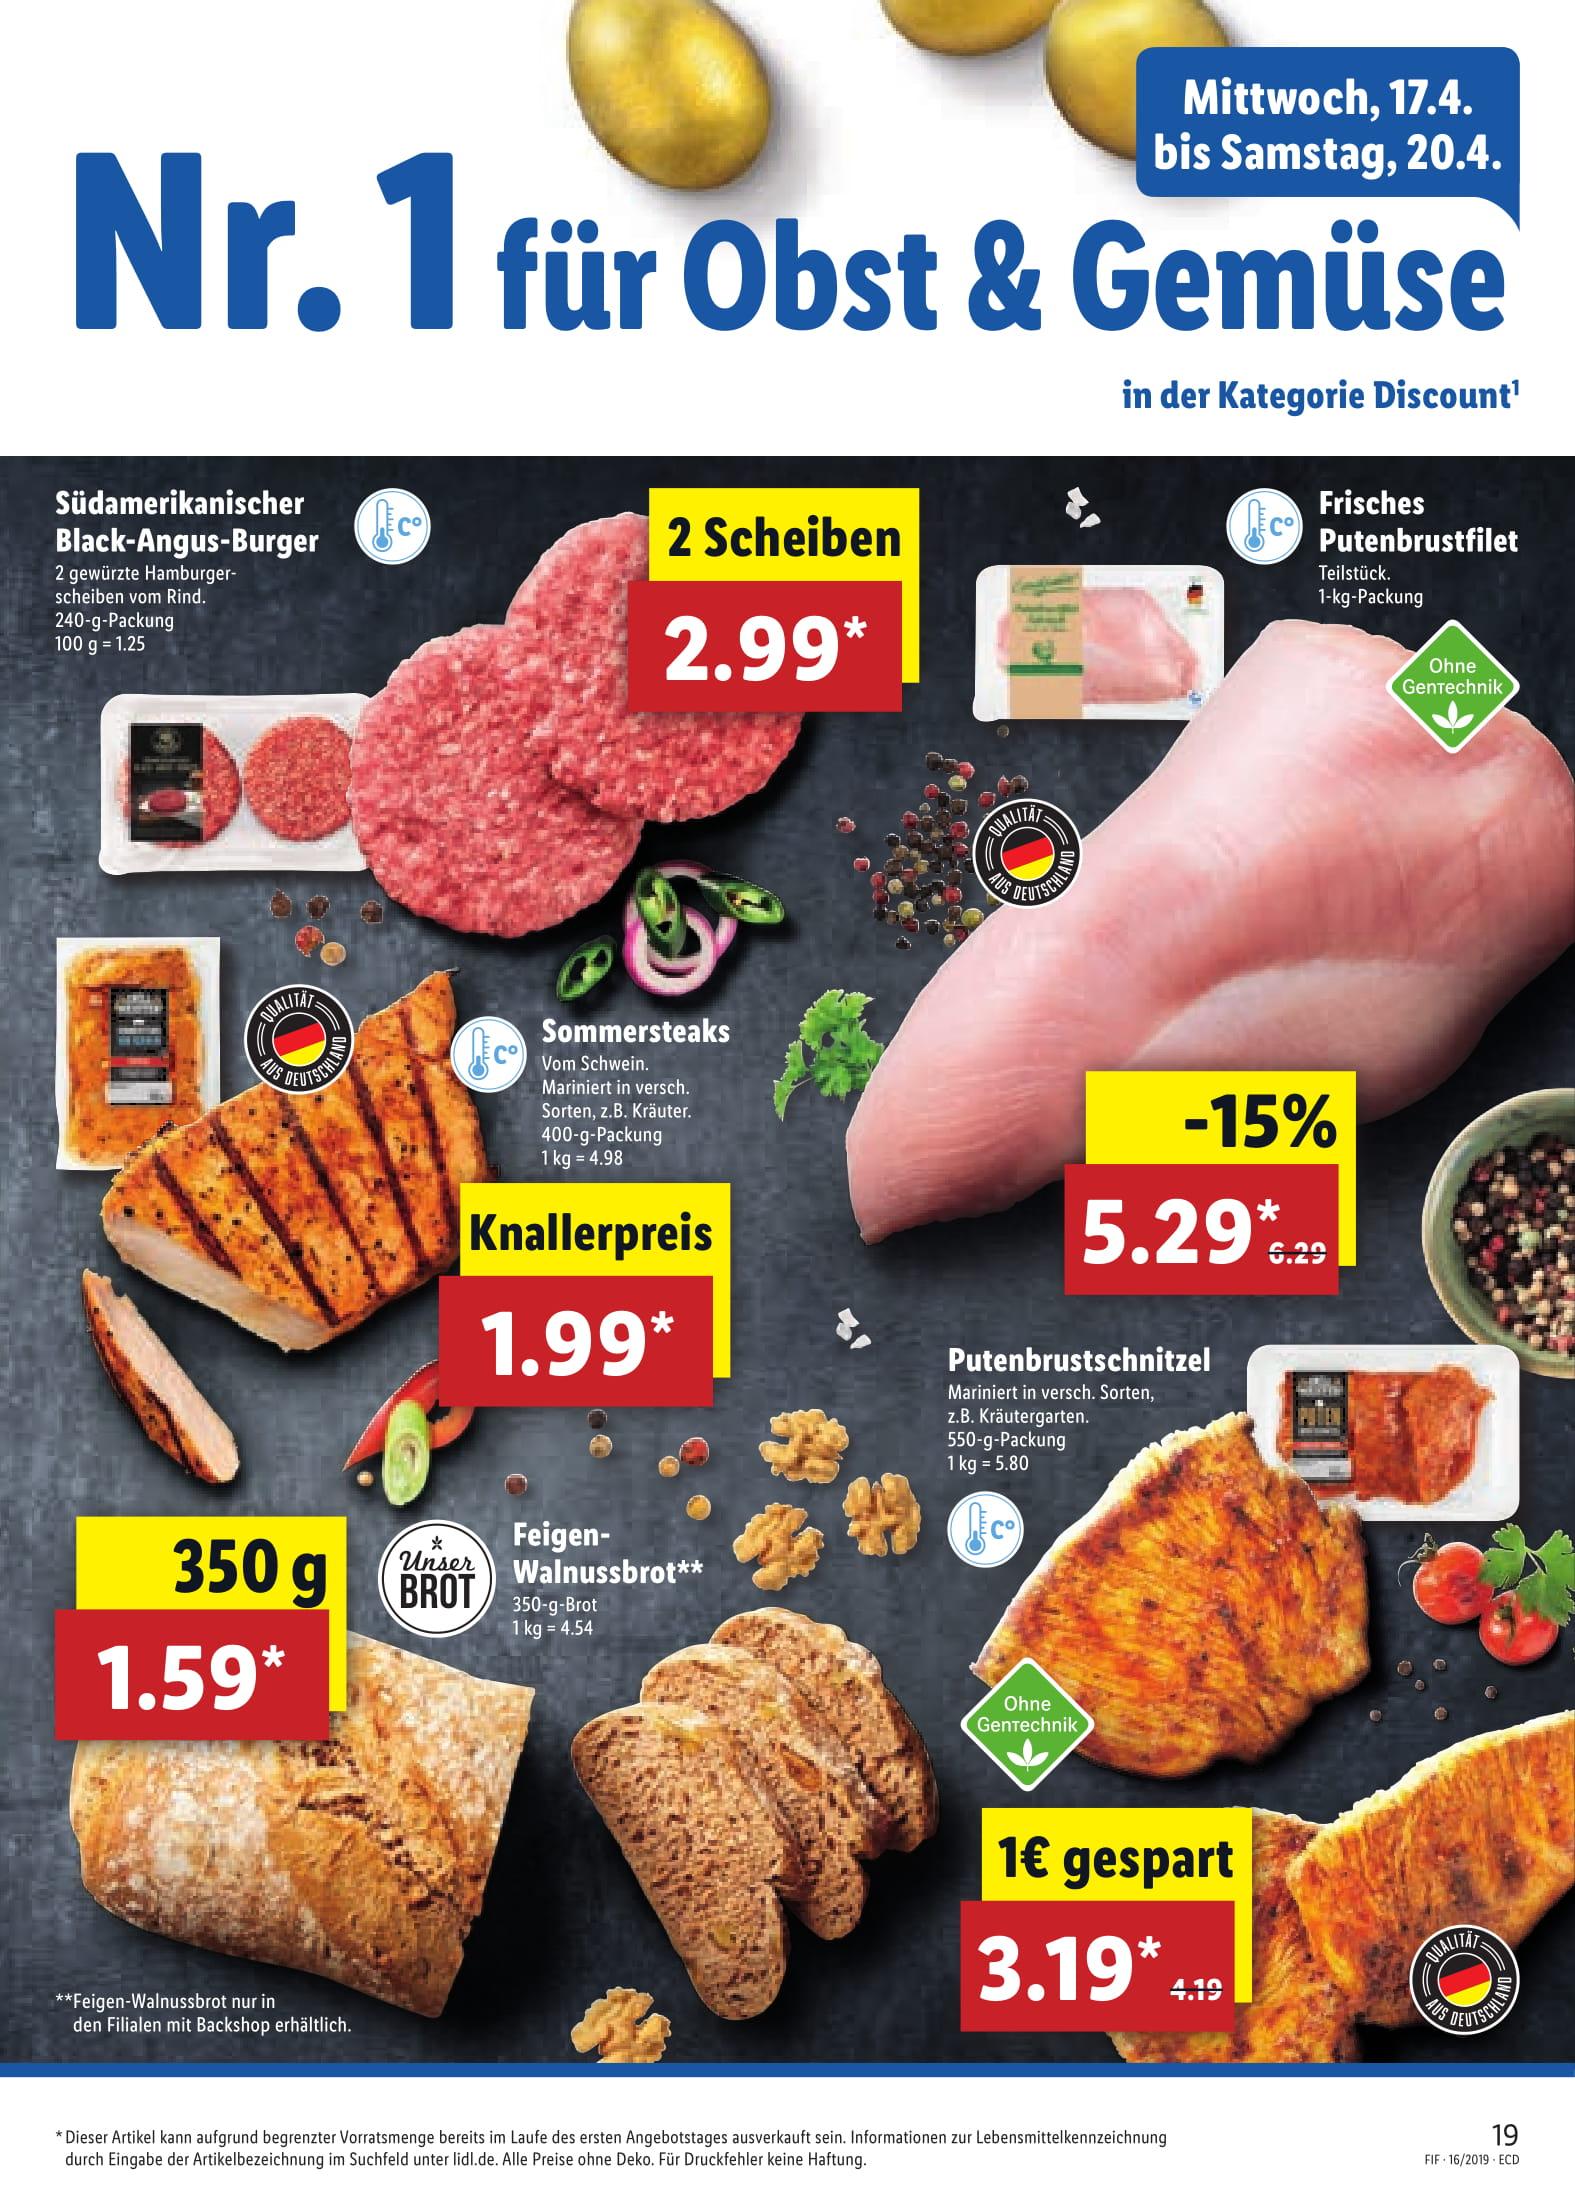 Wochenprospekt-Unsere-Angebote-der-Woche-02-19